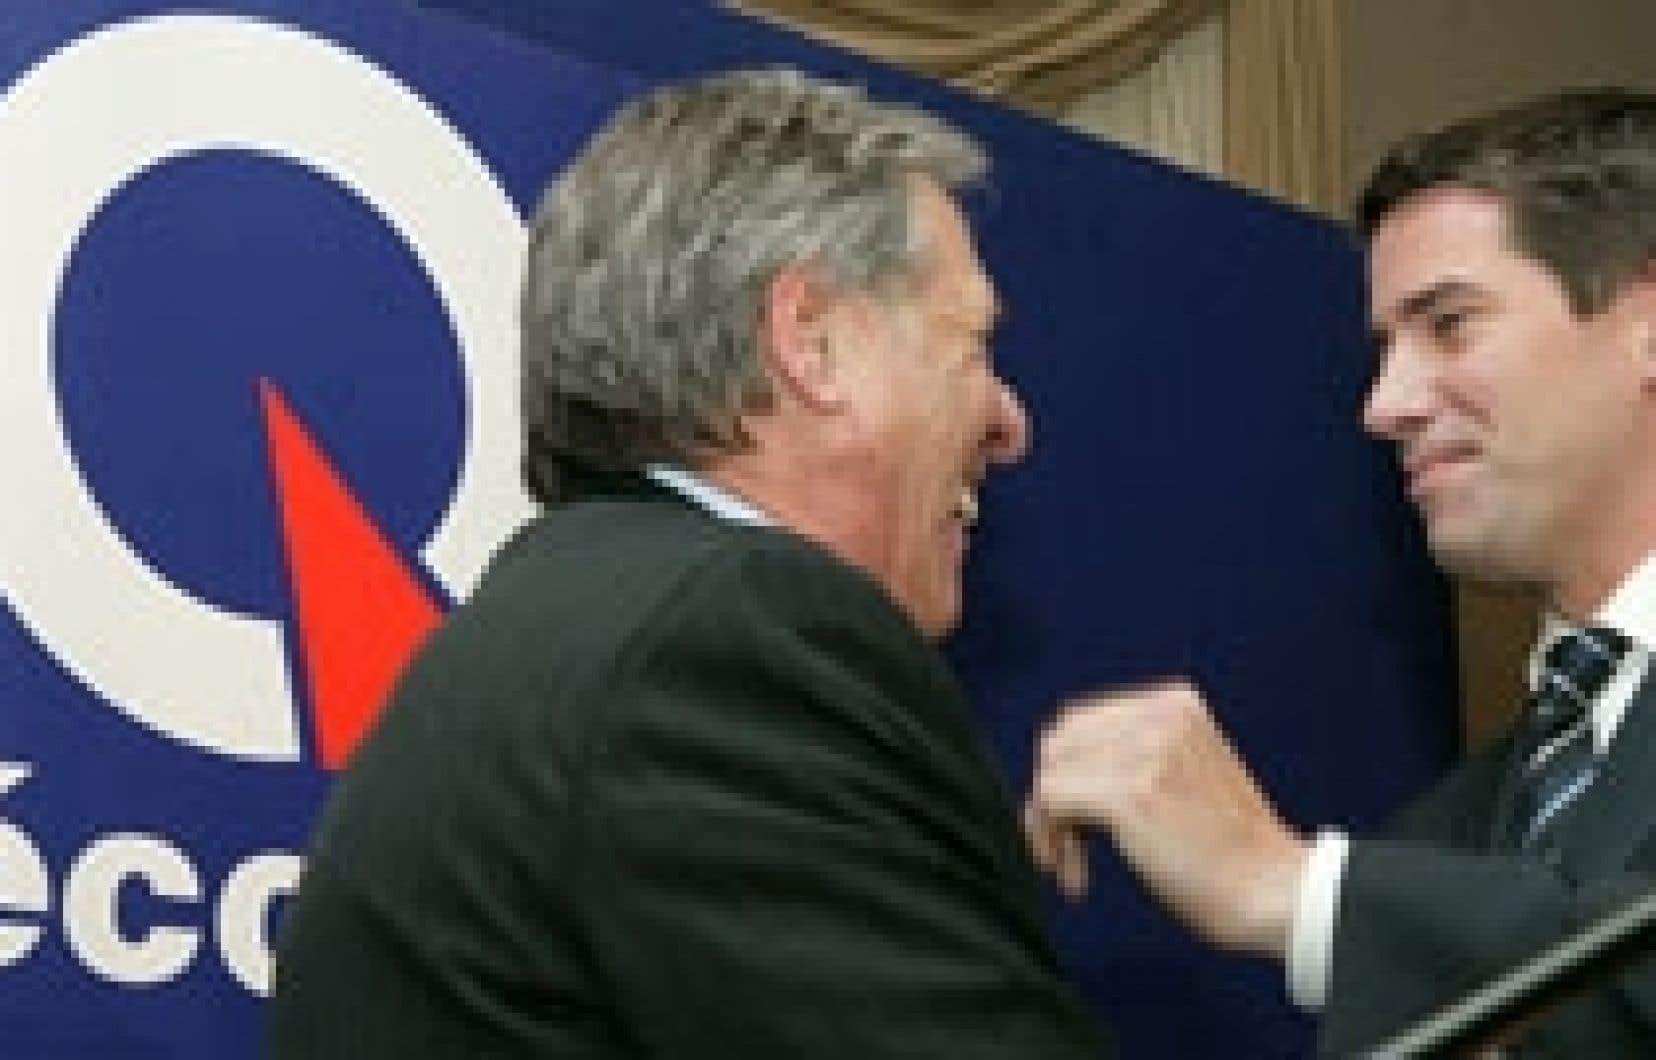 Après une journée difficile au cours de laquelle André Boisclair a fait face à des sondages dévastateurs et à une grogne qui s'est accentuée au sein même de son parti, le chef du Parti québécois a participé en soirée à l'assemblée d'i